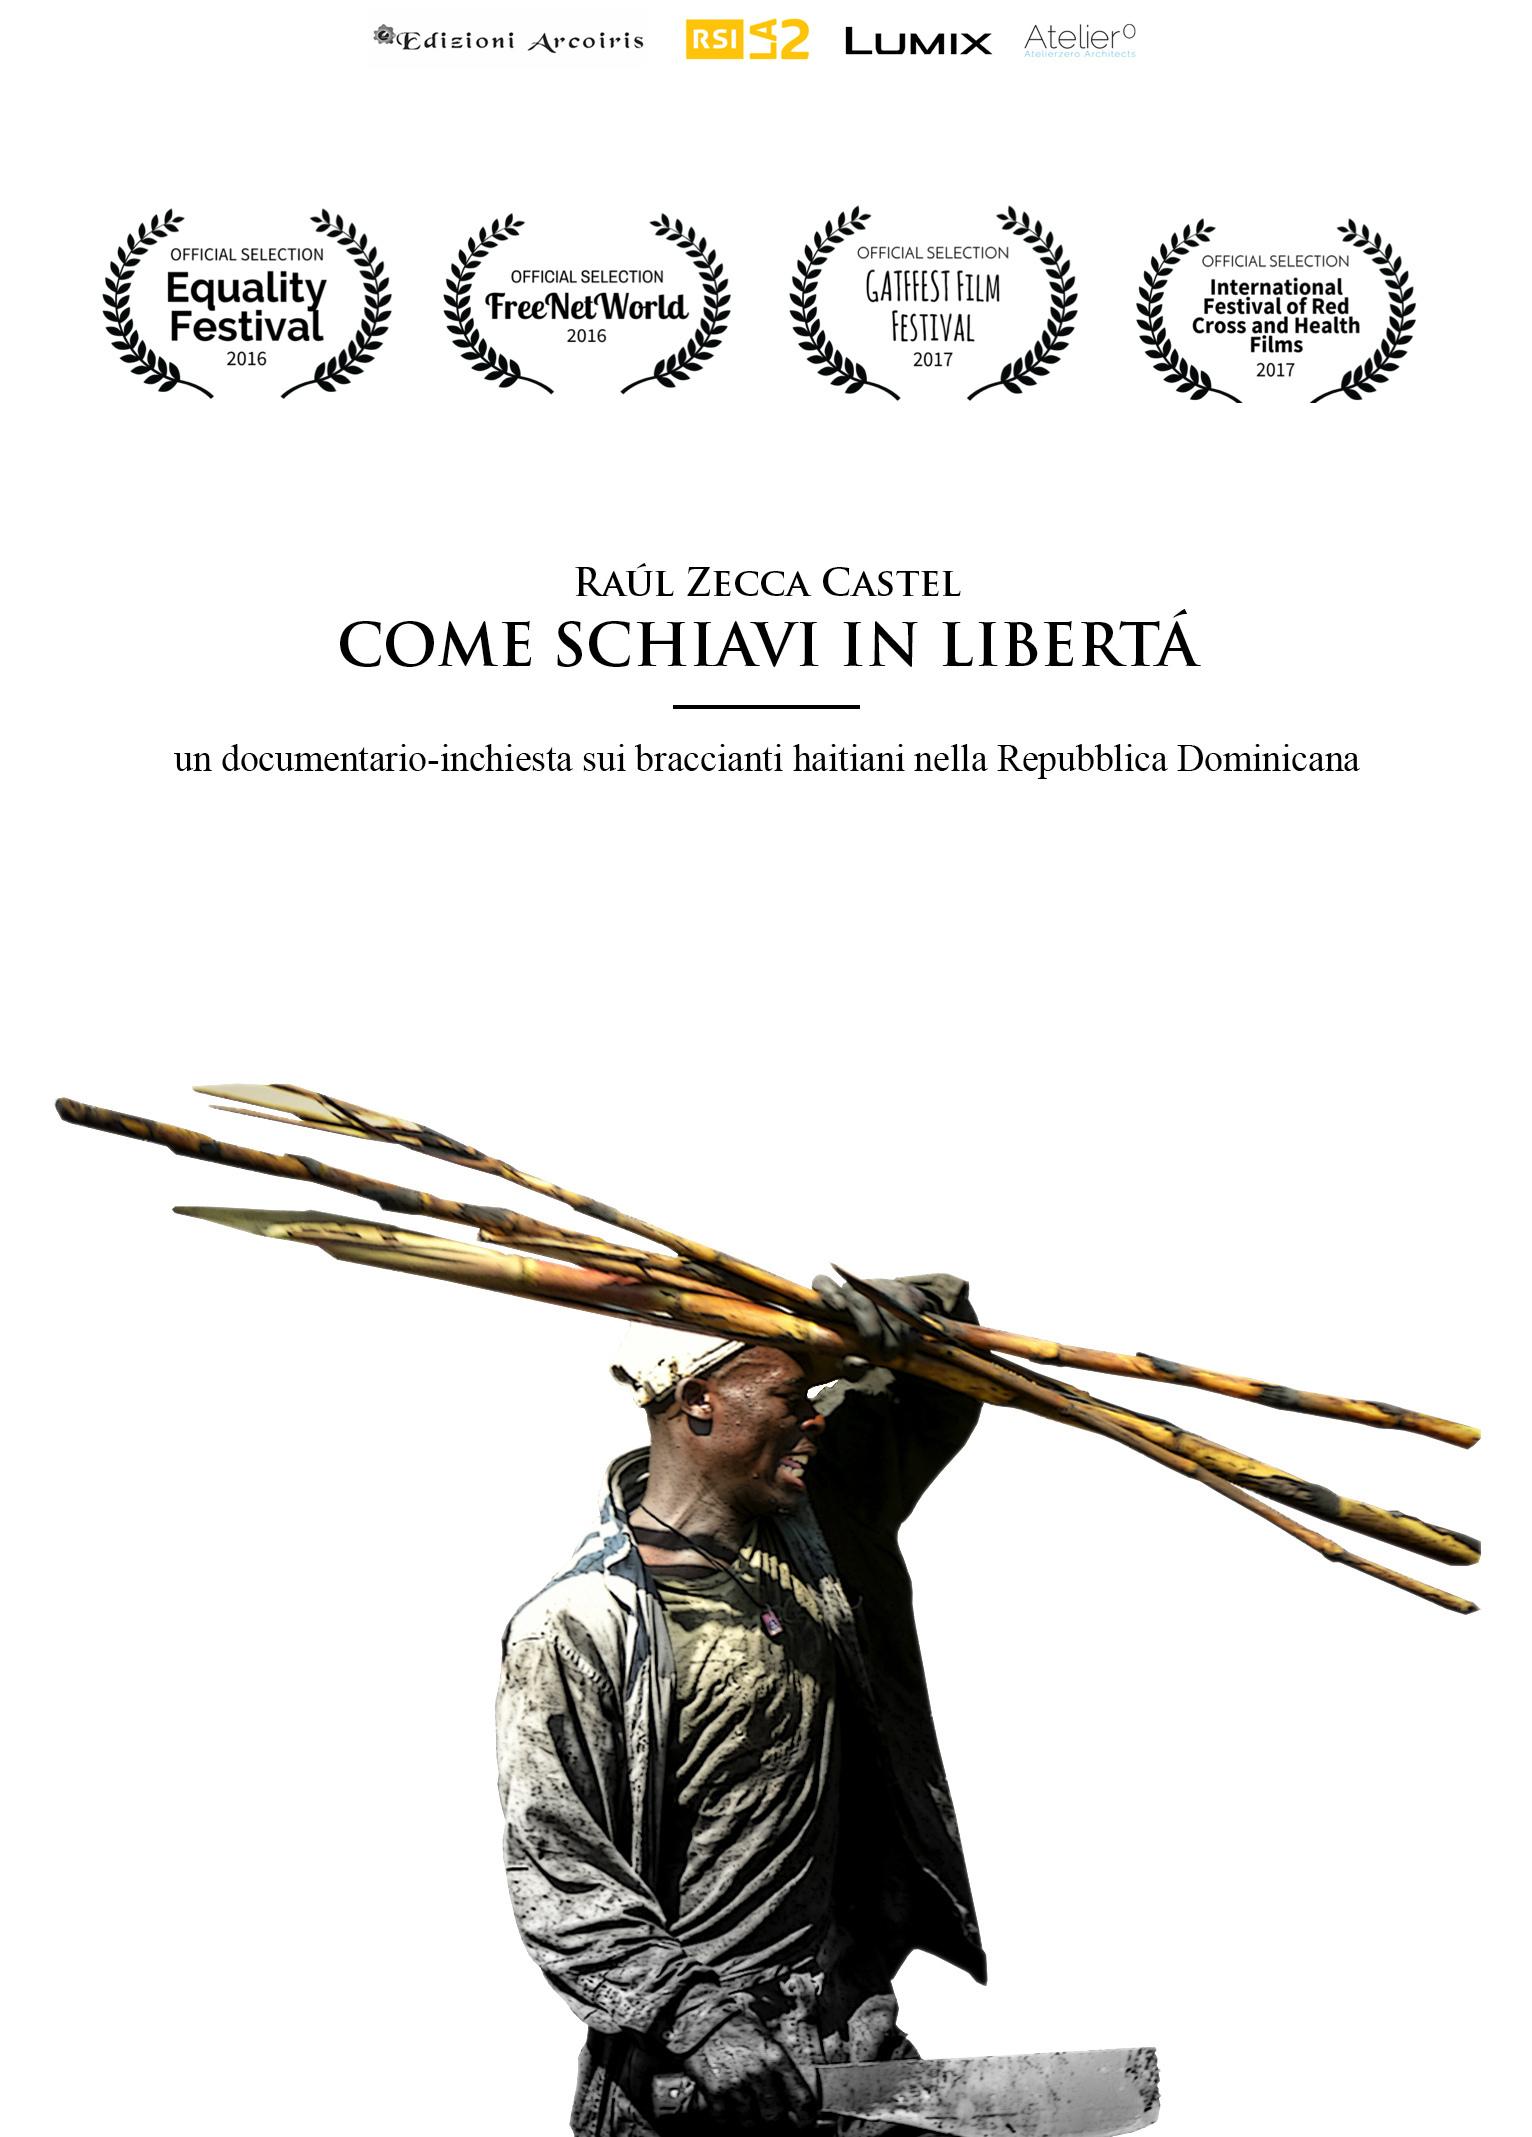 rsz_locandina_-_come_schiavi_in_libertà